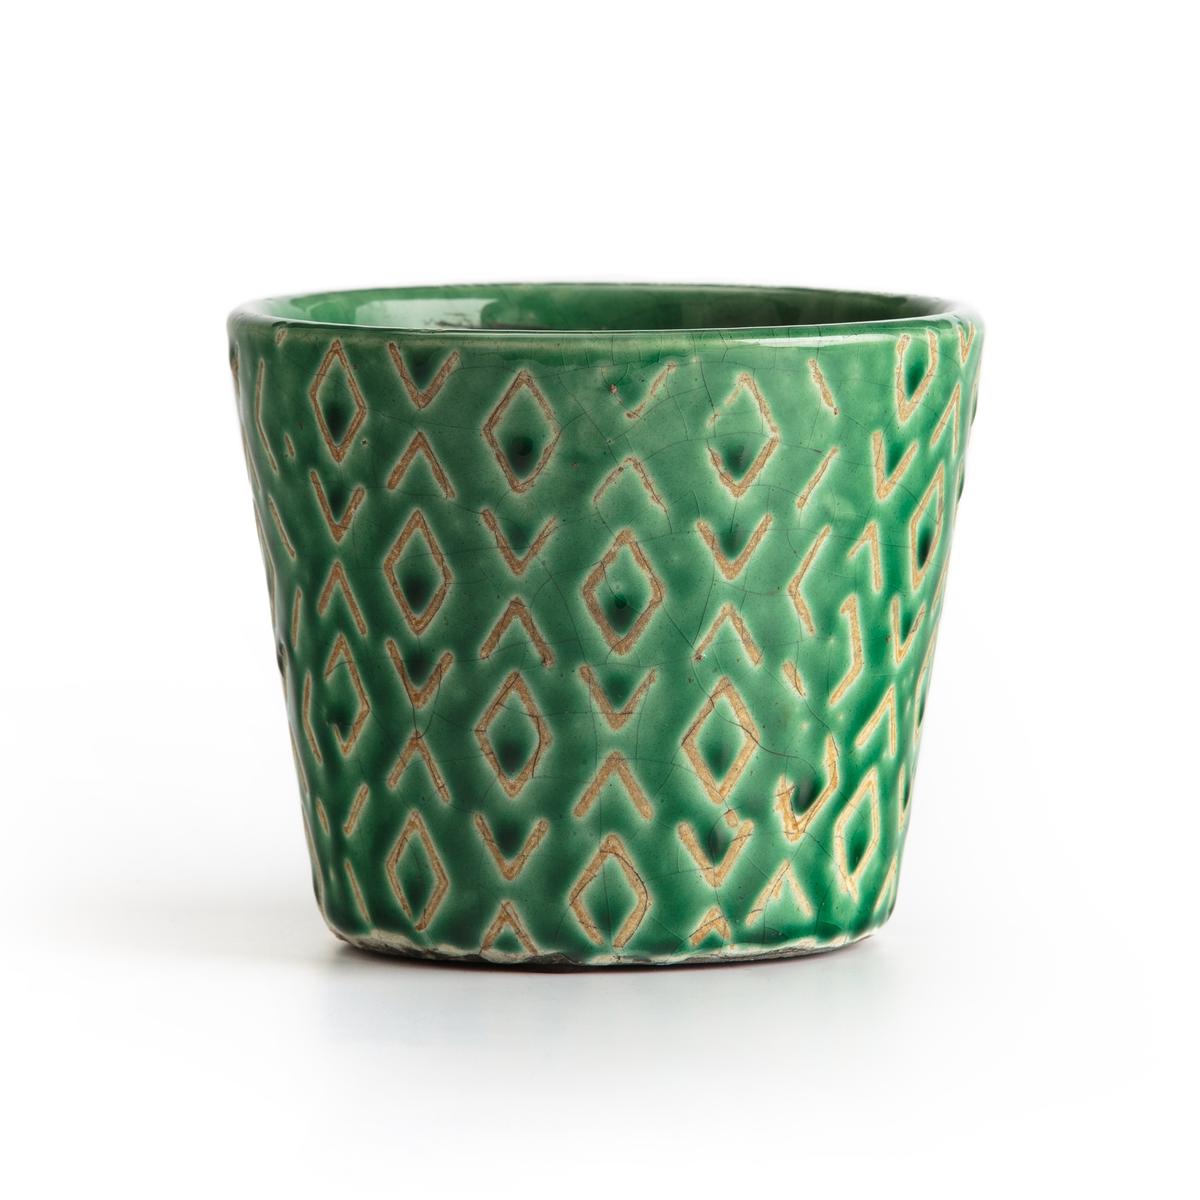 цена Кашпо La Redoute Из керамики BLAKE единый размер зеленый онлайн в 2017 году